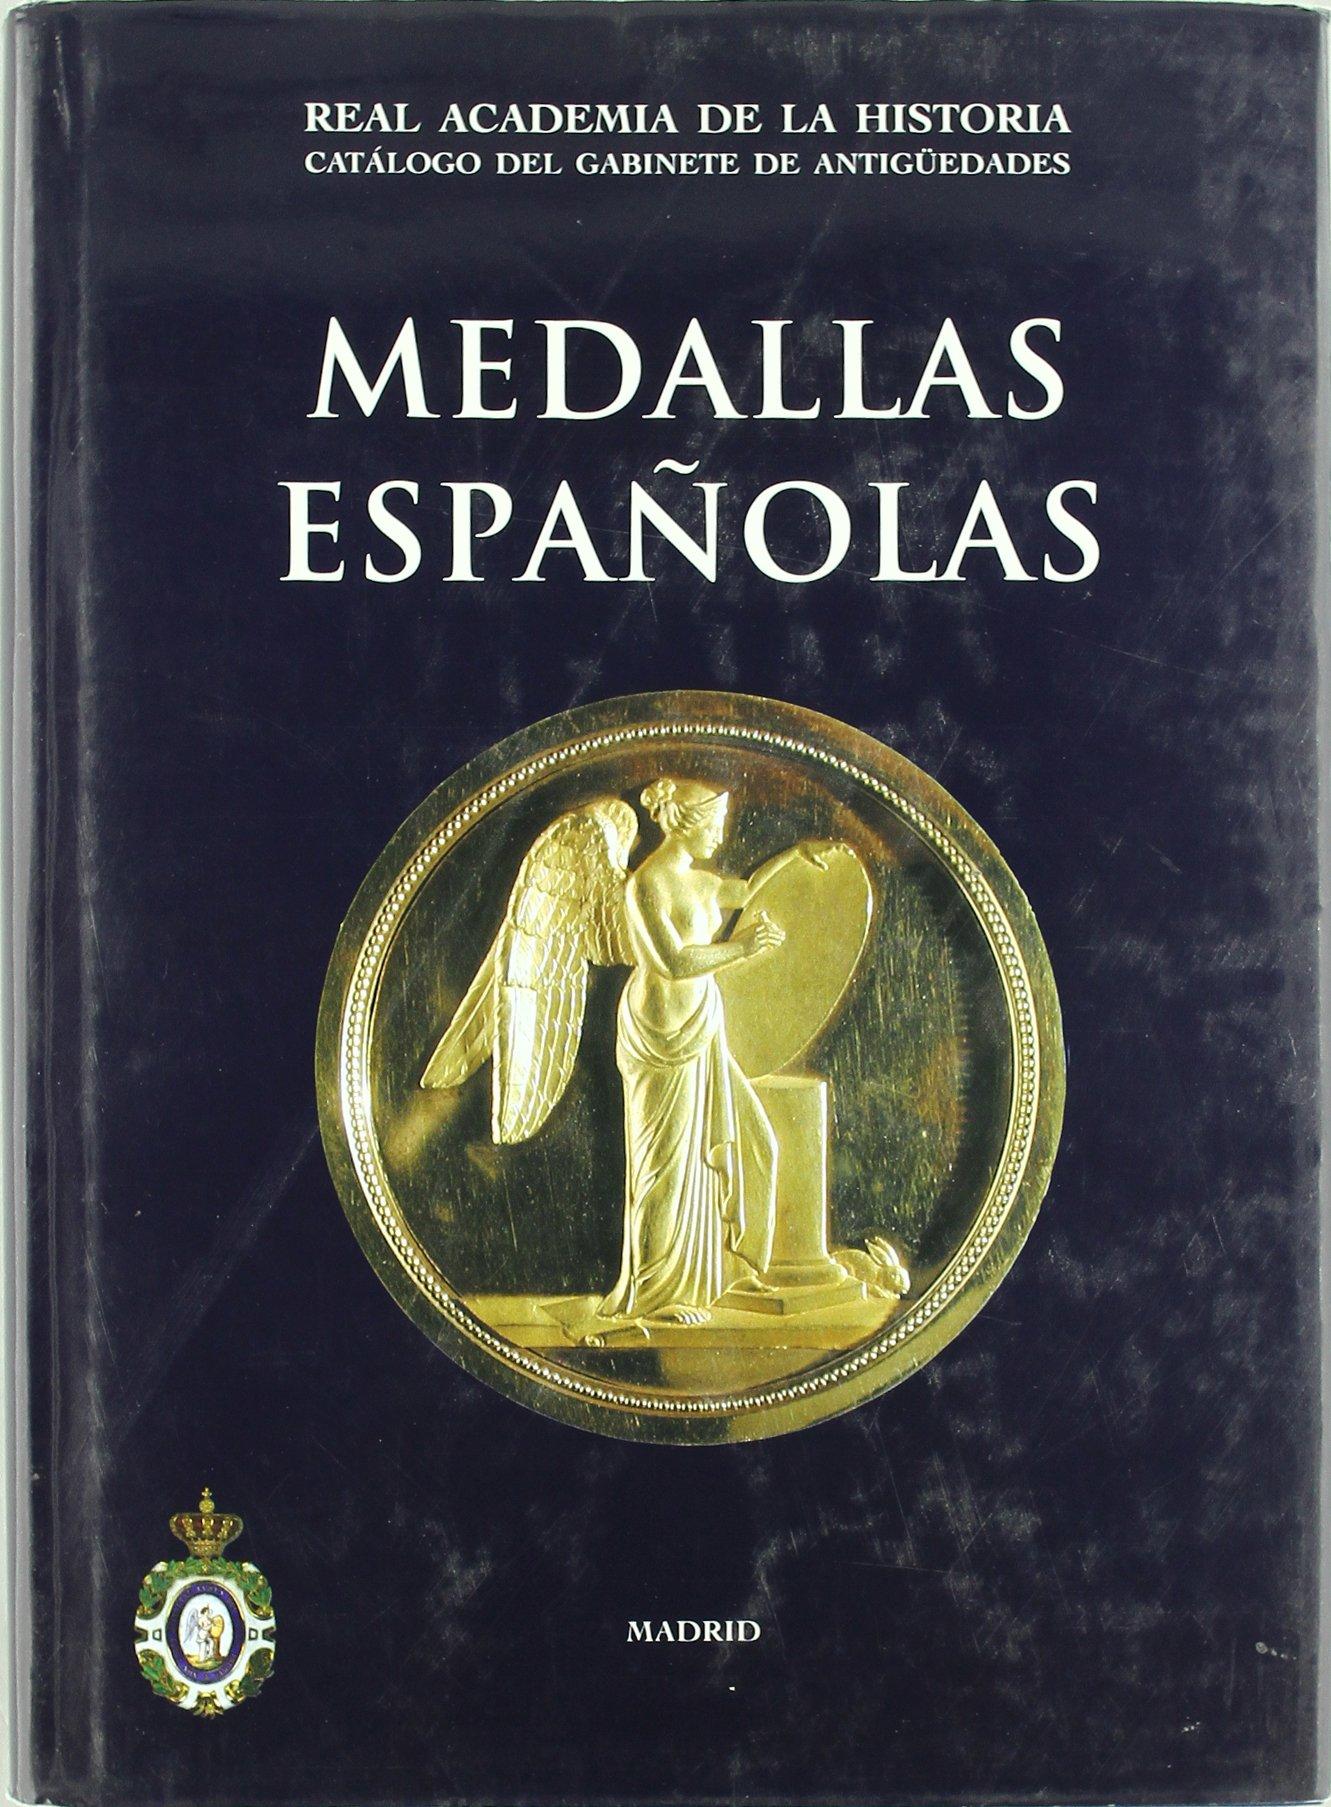 Medallas españolas. Catálogos. II. Monedas y Medallas.: Amazon.es: Almagro Gorbea, Martín, Pérez Alcorta, María Cruz, Moneo, Teresa: Libros